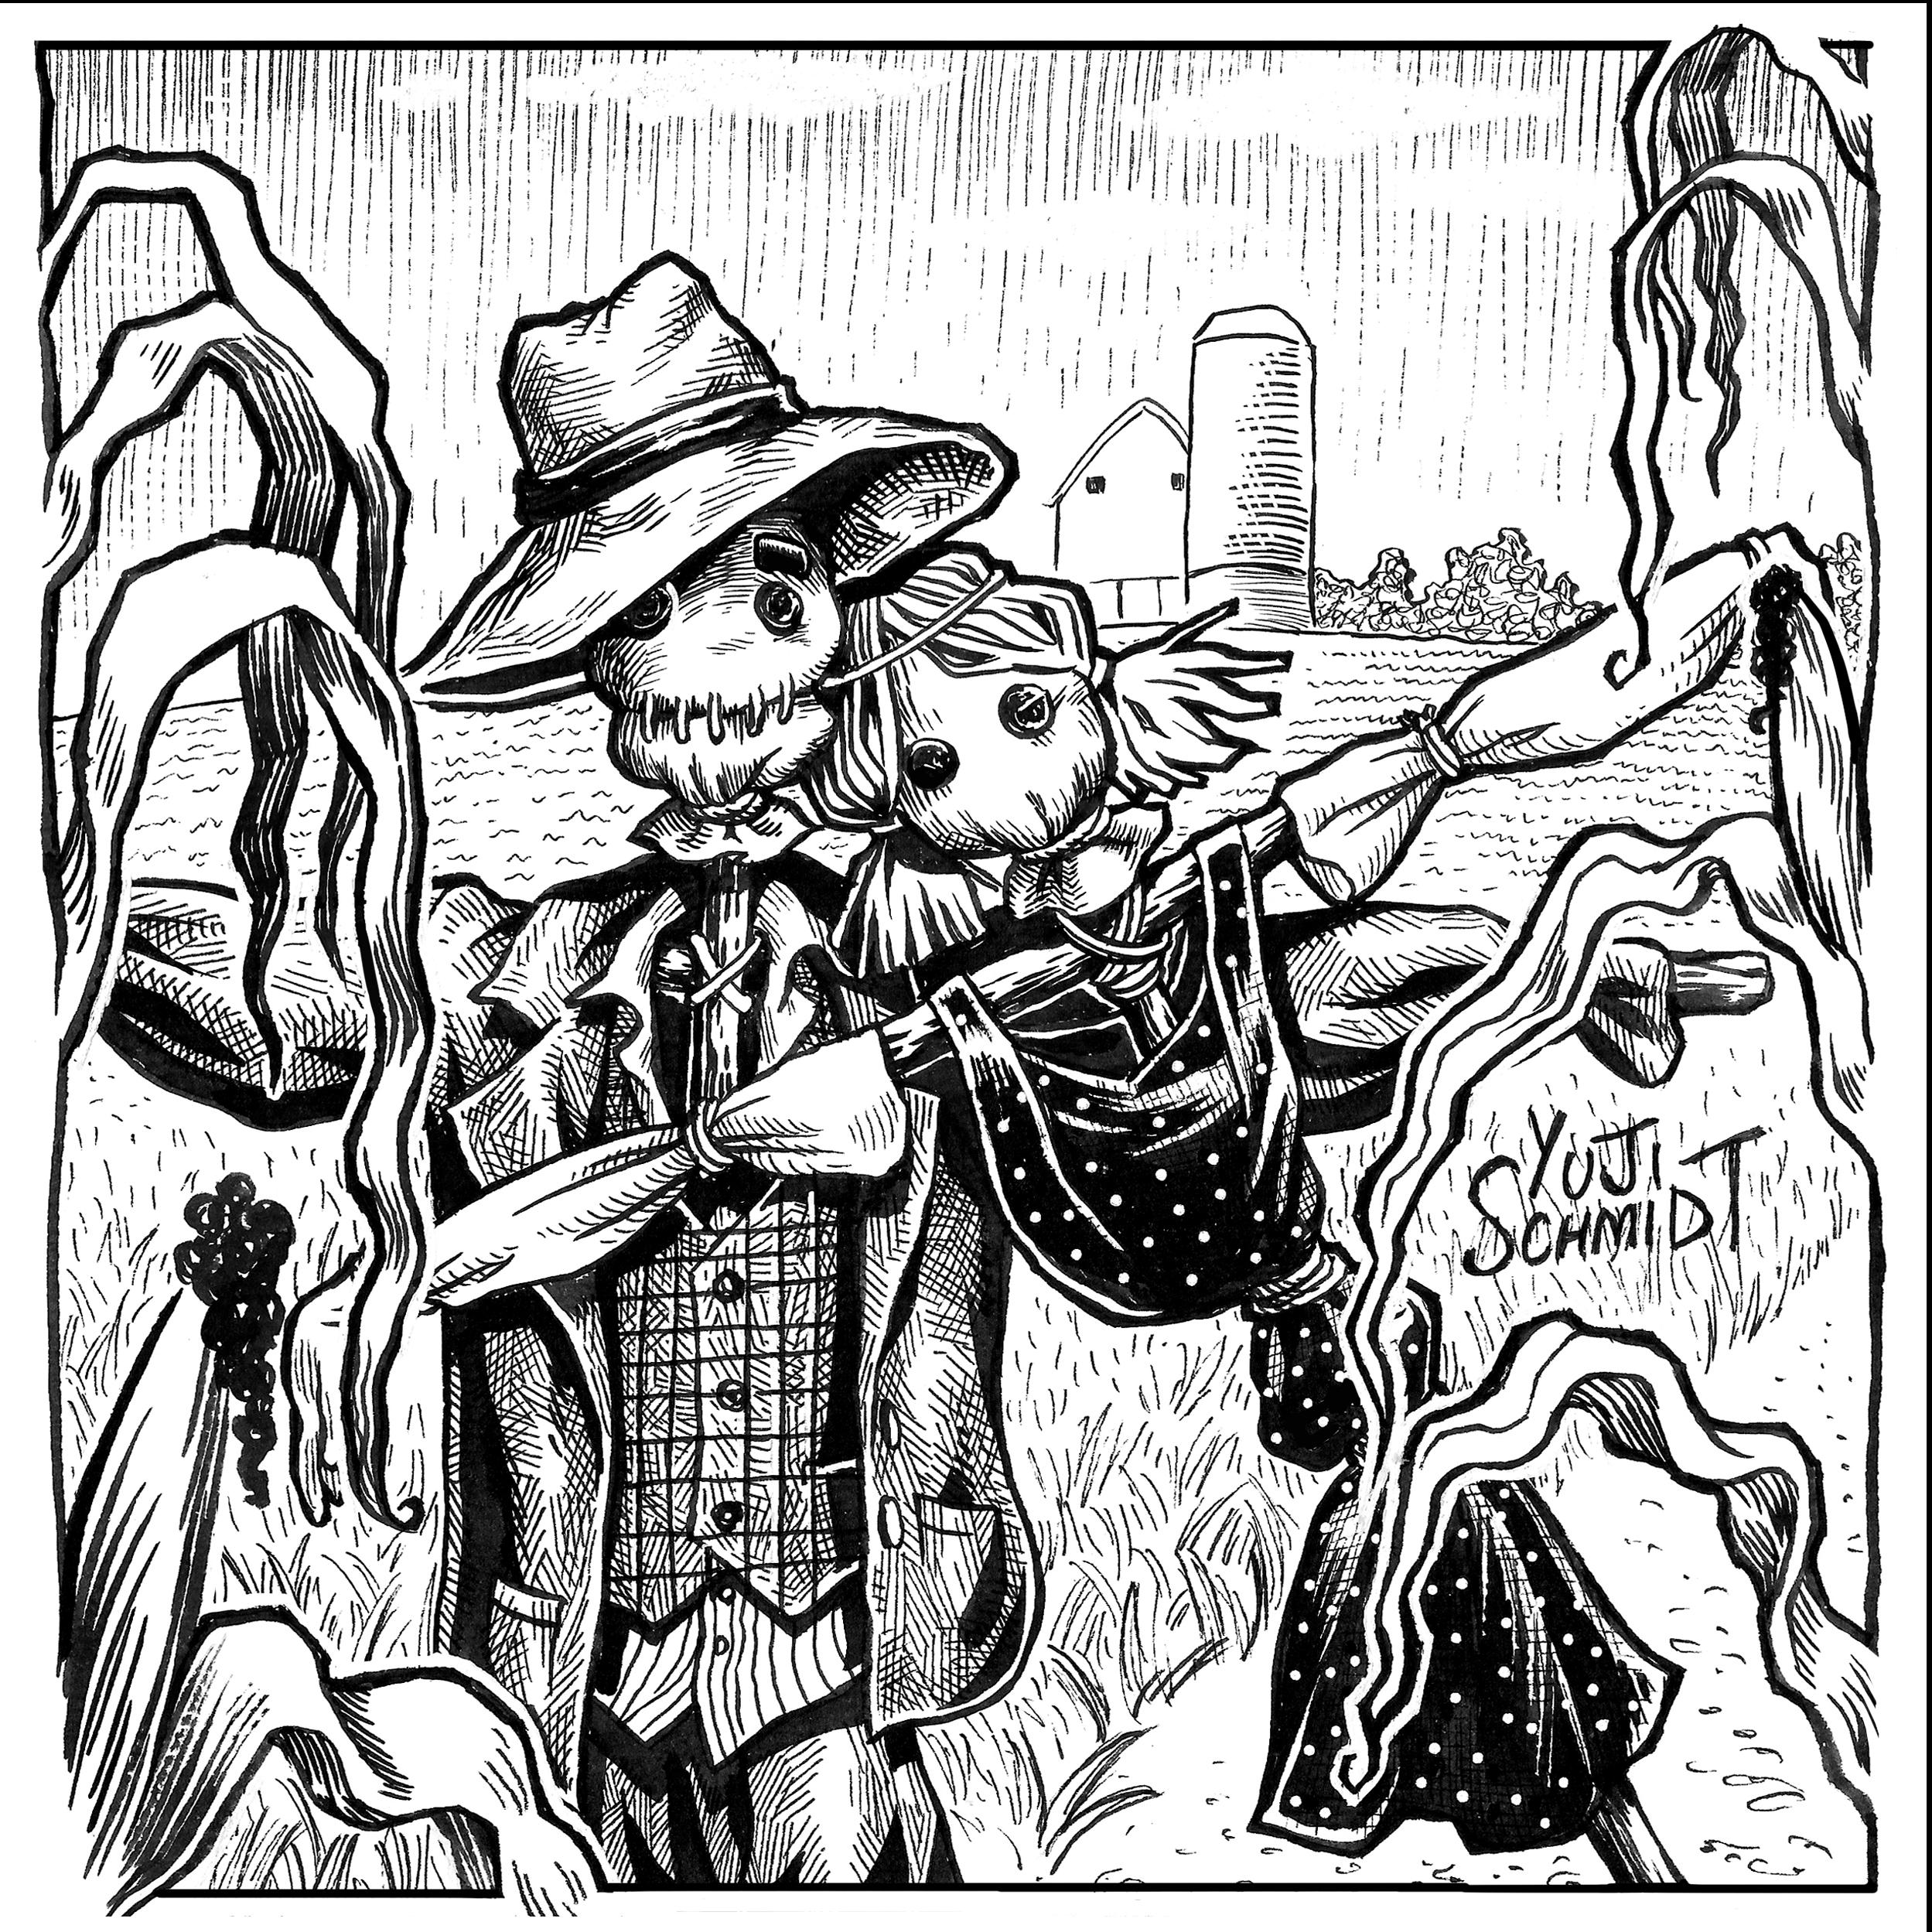 21 - Espantalhos | Scarecrows